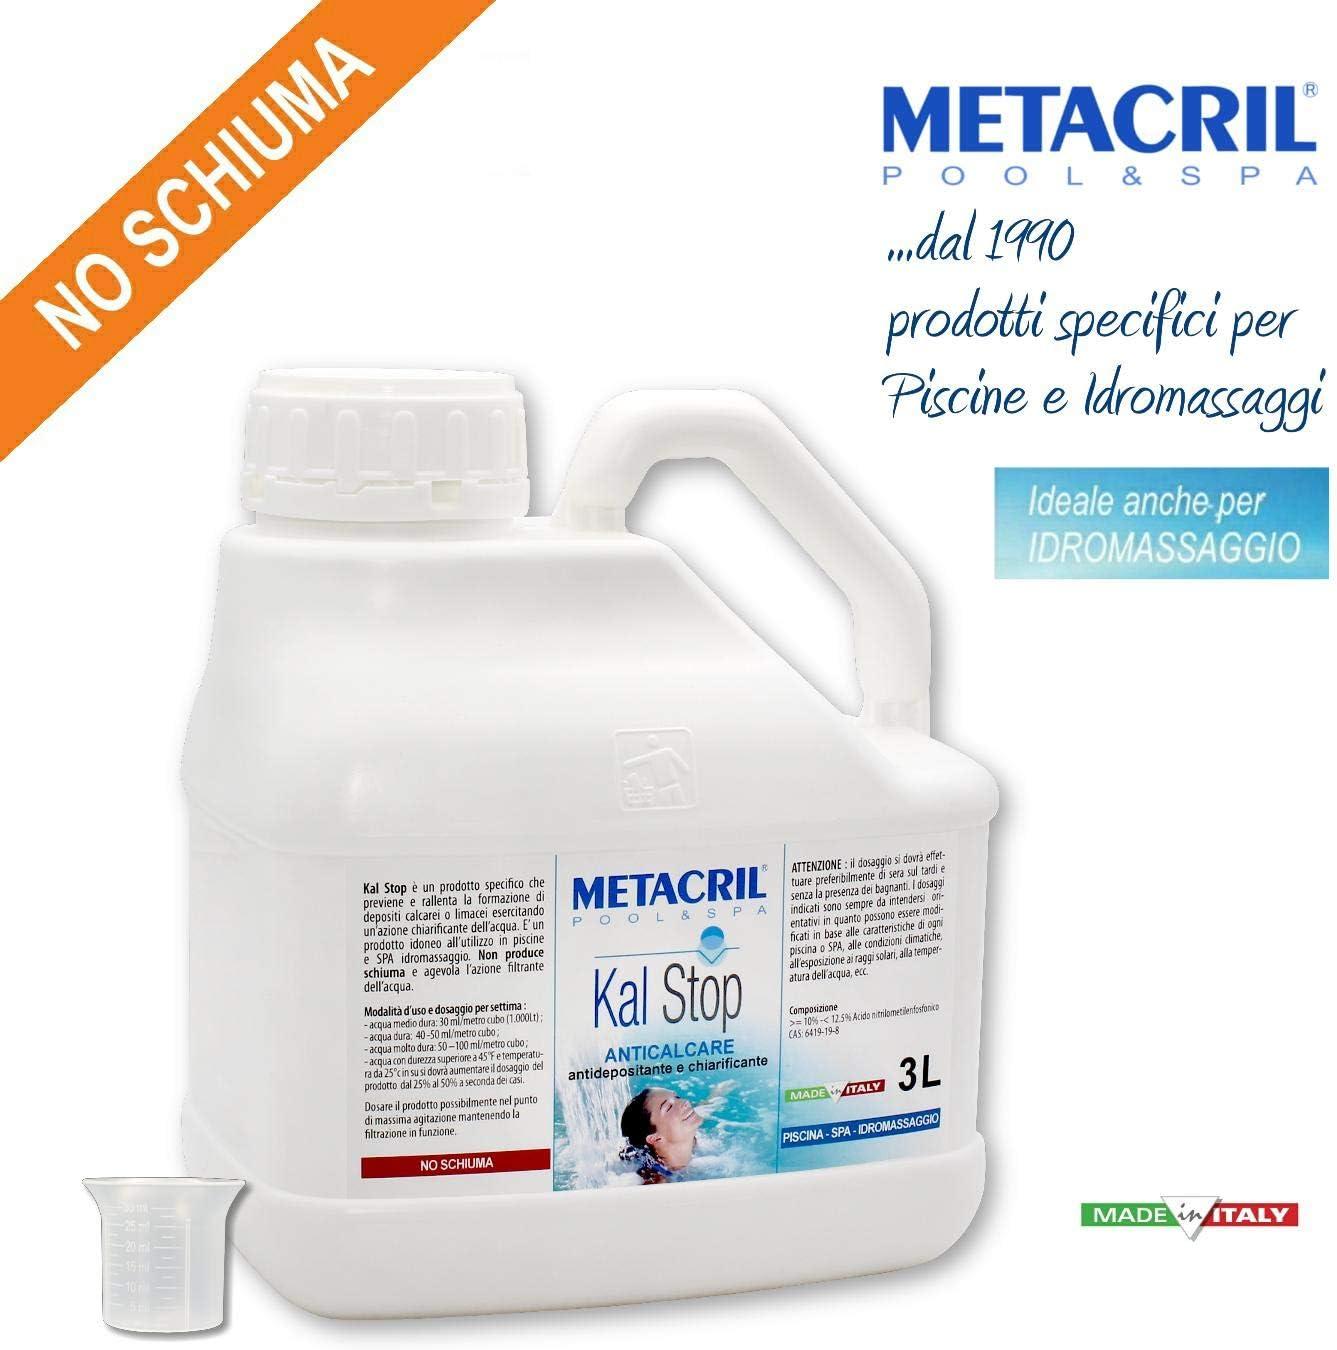 Metacril antical y aclarante – Kal Stop 3 l + dosificador. No Espuma, Ideal para Piscina o hidromasaje (Teuco, Jacuzzi, Dimhora, Intex,Bestway,ECC). Envío inmediato.